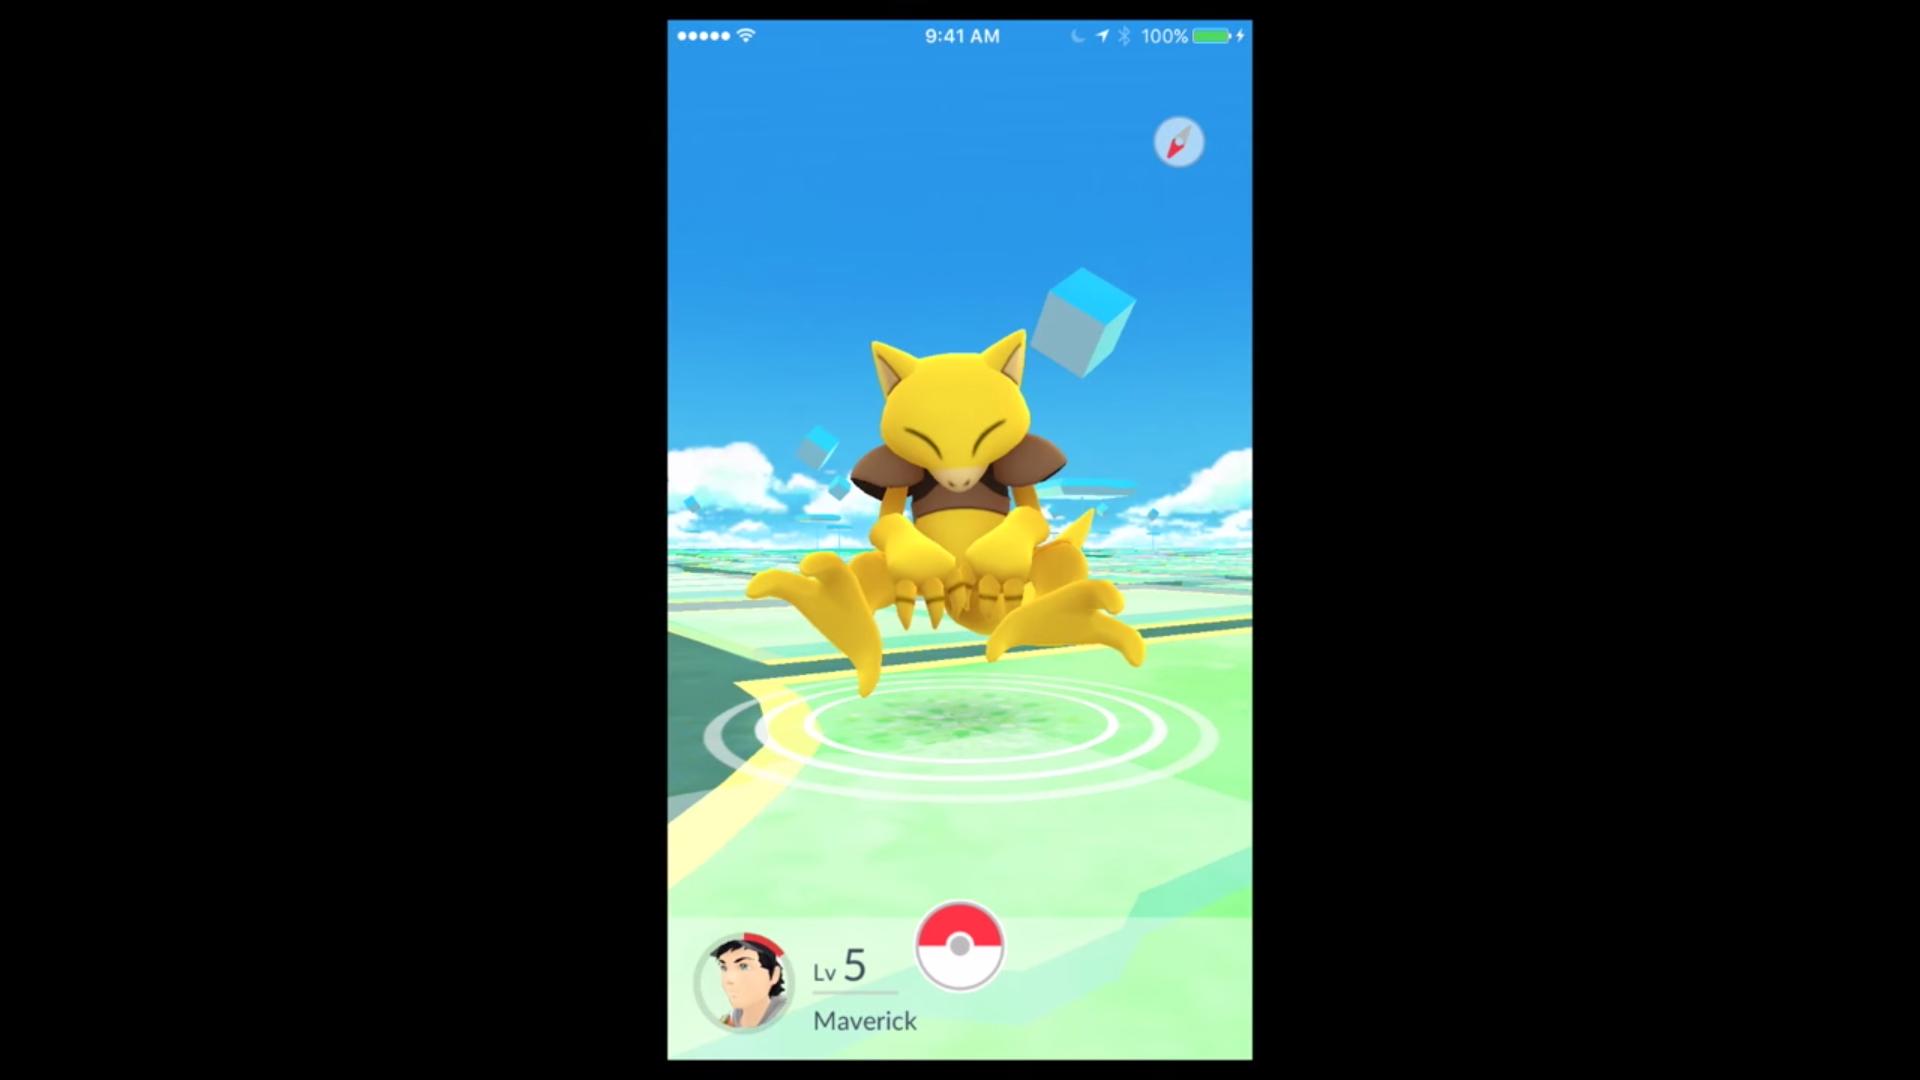 Pokémon GO still shot. Photo by: Nintendo / YouTube